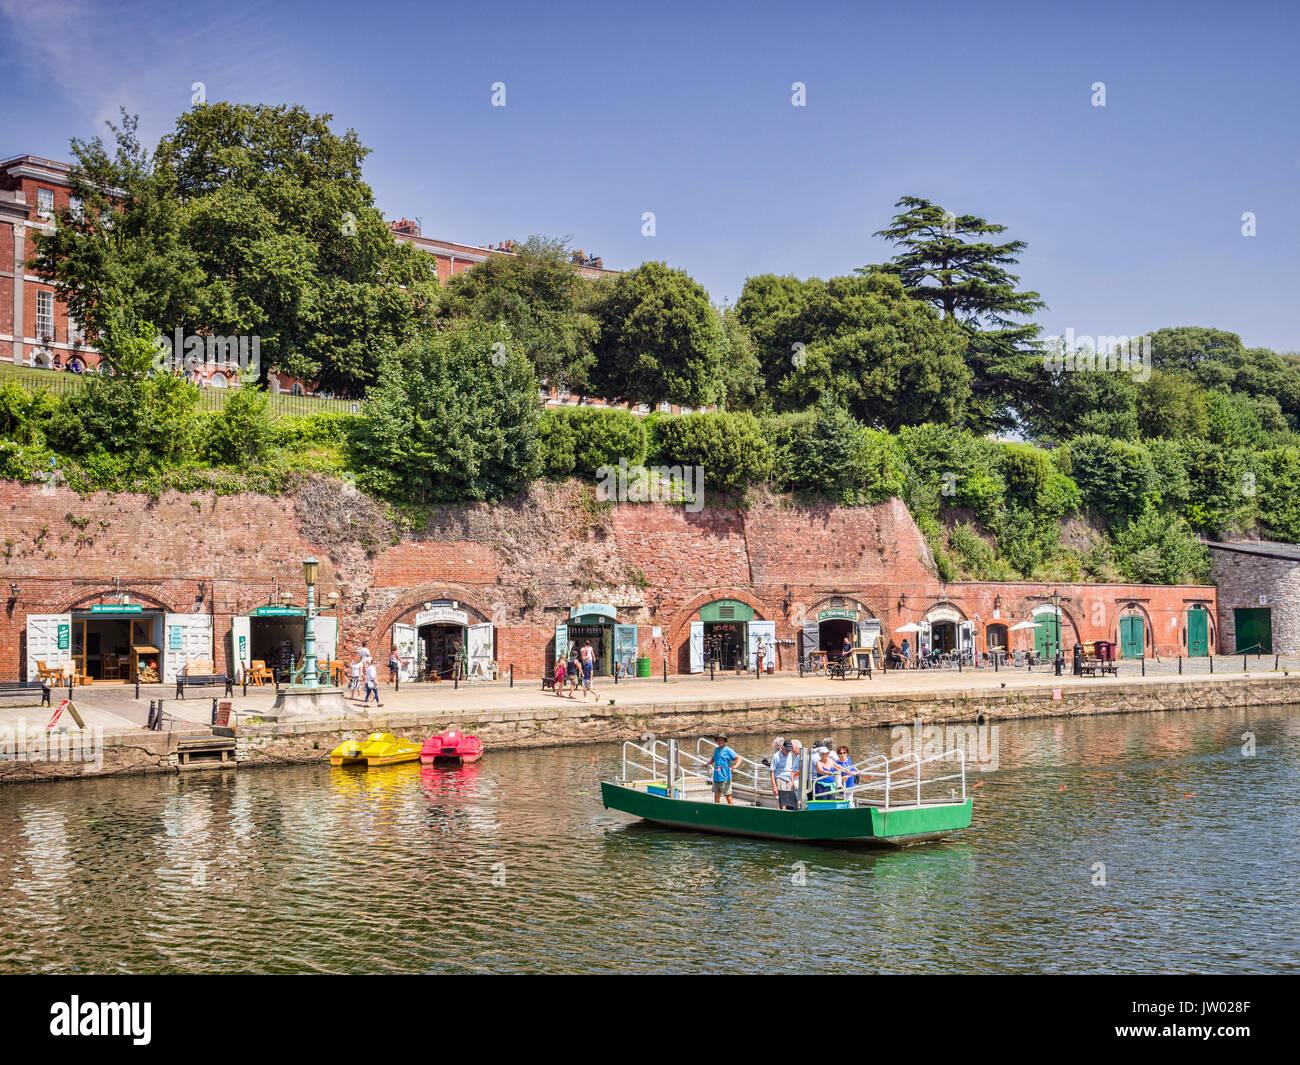 21 Juin 2017: Quai d'Exeter, Exeter, Devon, England, UK - Butts, un ferry part powered bac à câble , traversant la rivière Exe vers les boutiques et gal Photo Stock